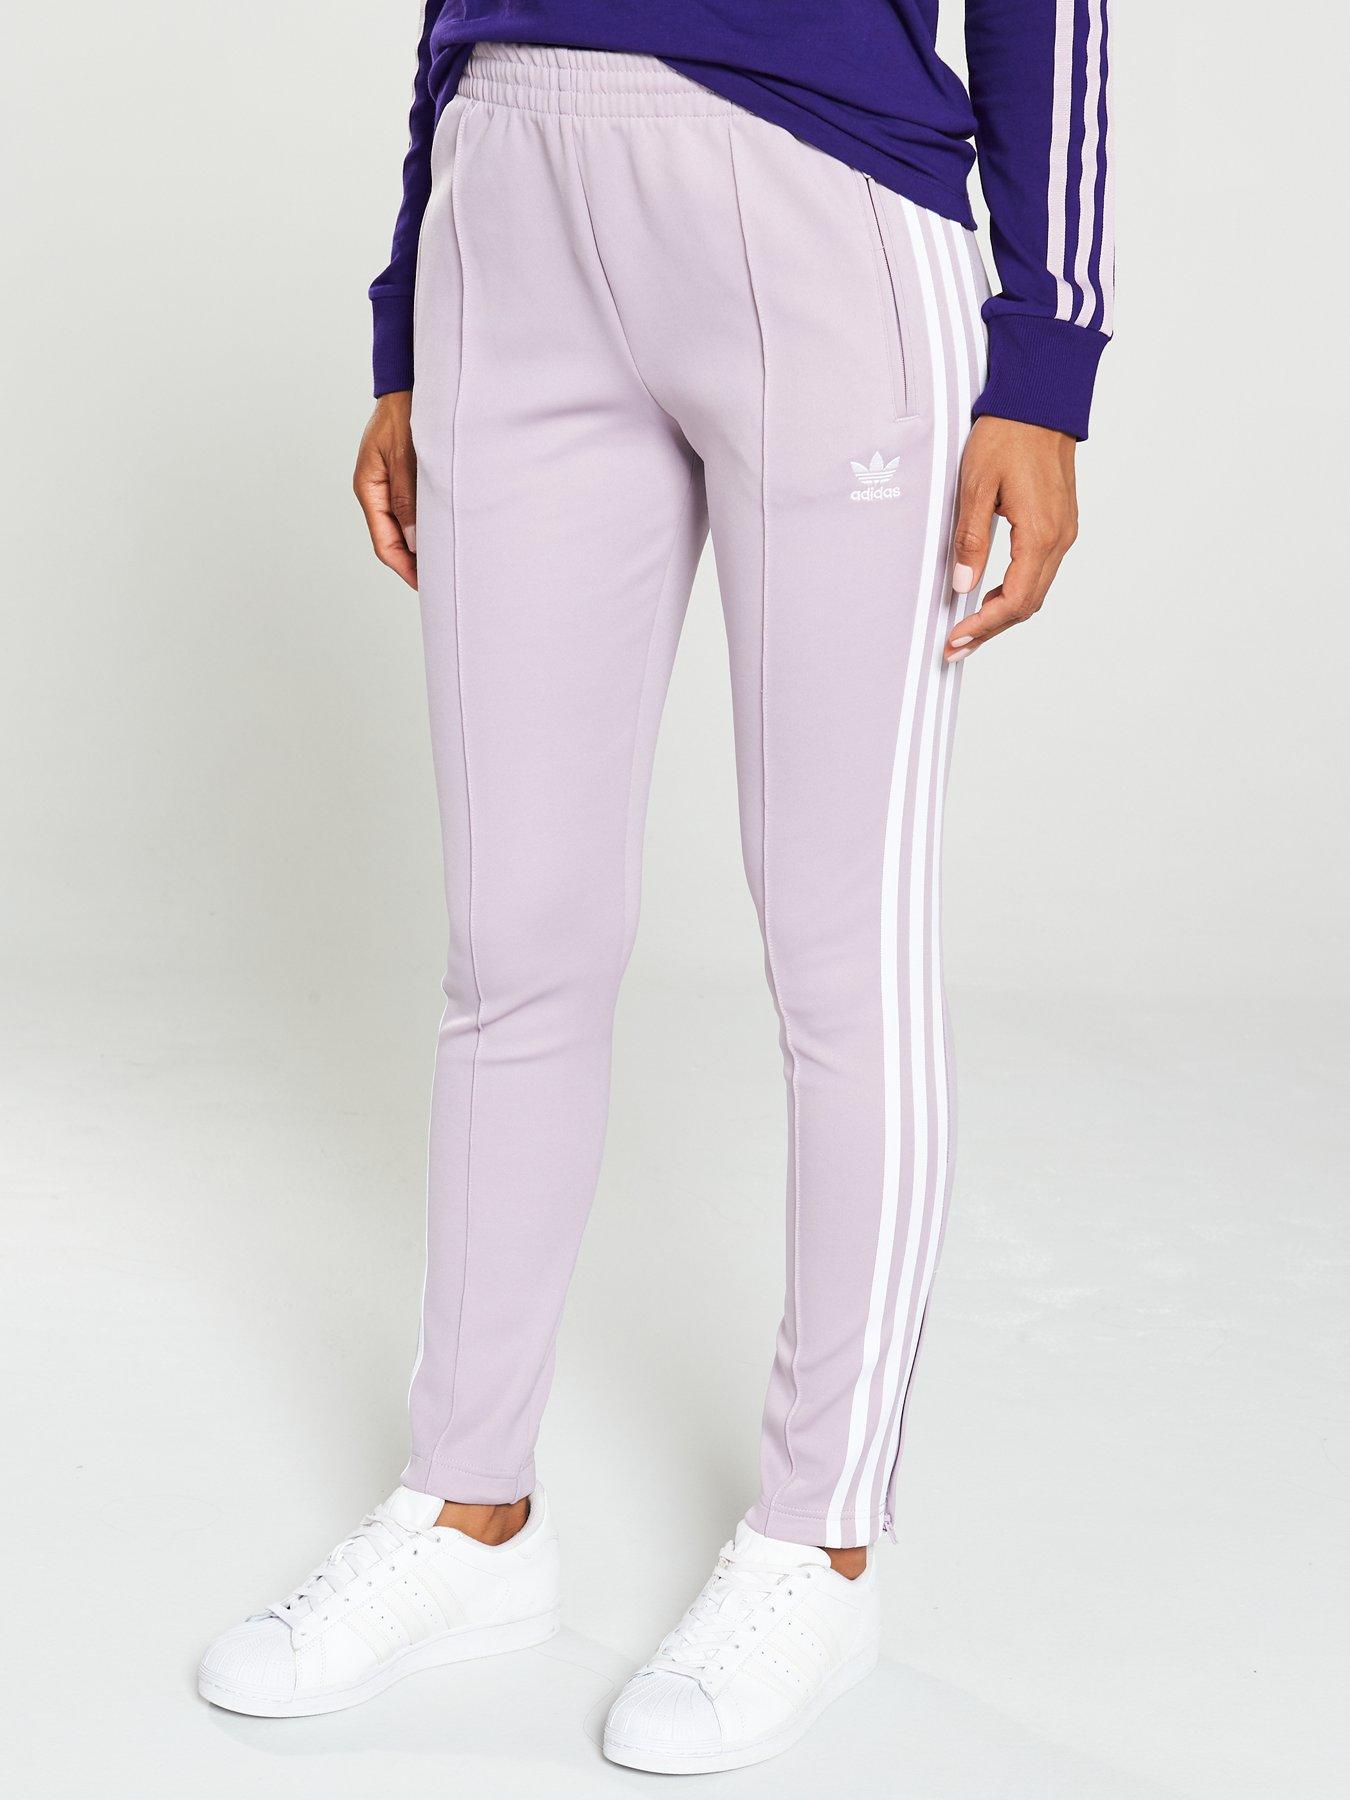 adidas uk 5 size pant